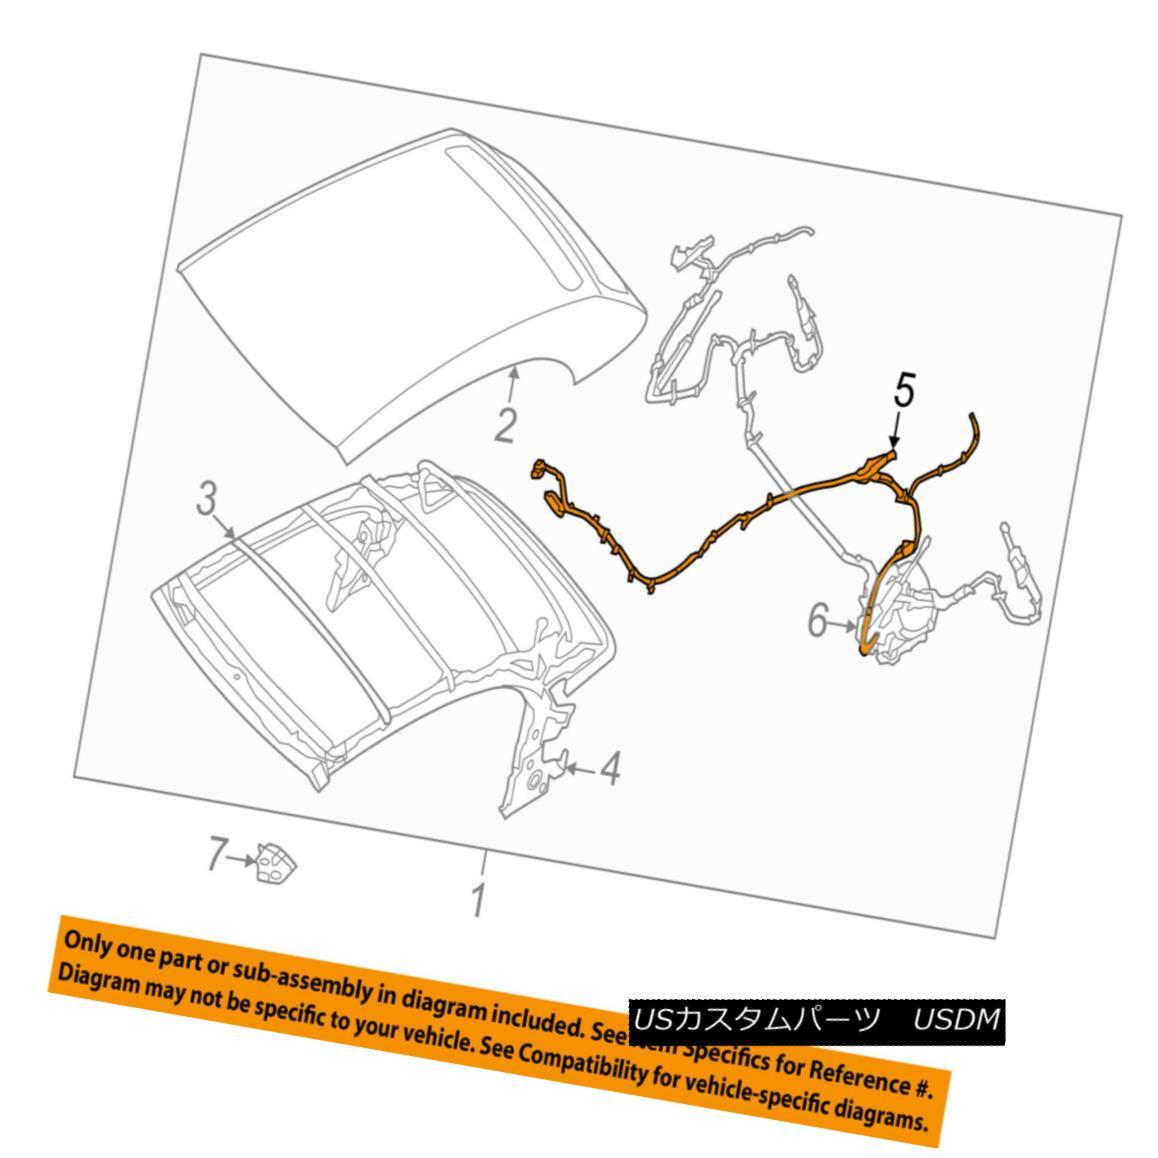 幌・ソフトトップ NISSAN OEM 11-14 Murano Convertible/soft Top-Harness 970931GR1A 日産OEM 11-14ムラーノ・コンバーチブル/ so ftトップハーネス970931GR1A